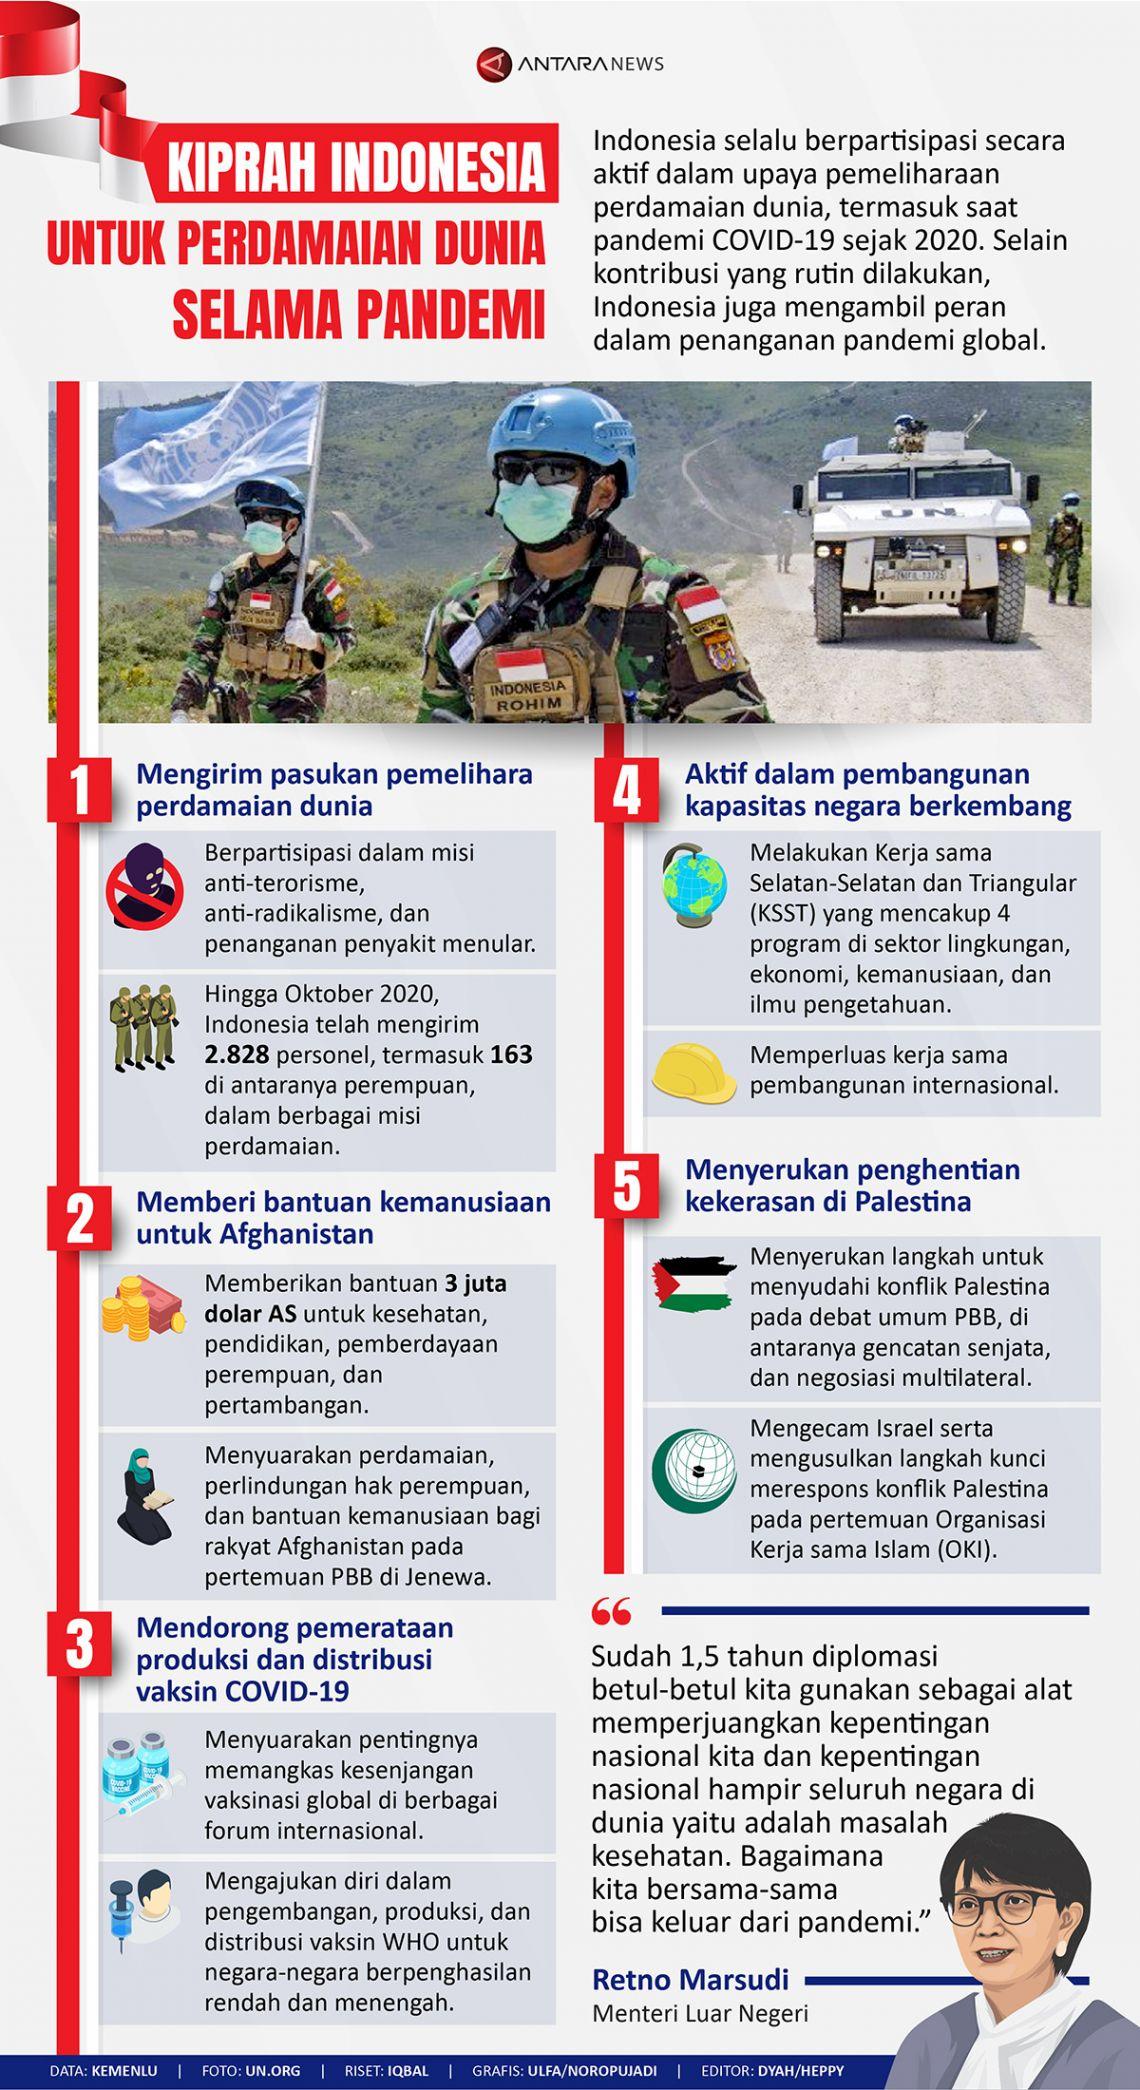 Kiprah Indonesia untuk perdamaian dunia selama pandemi